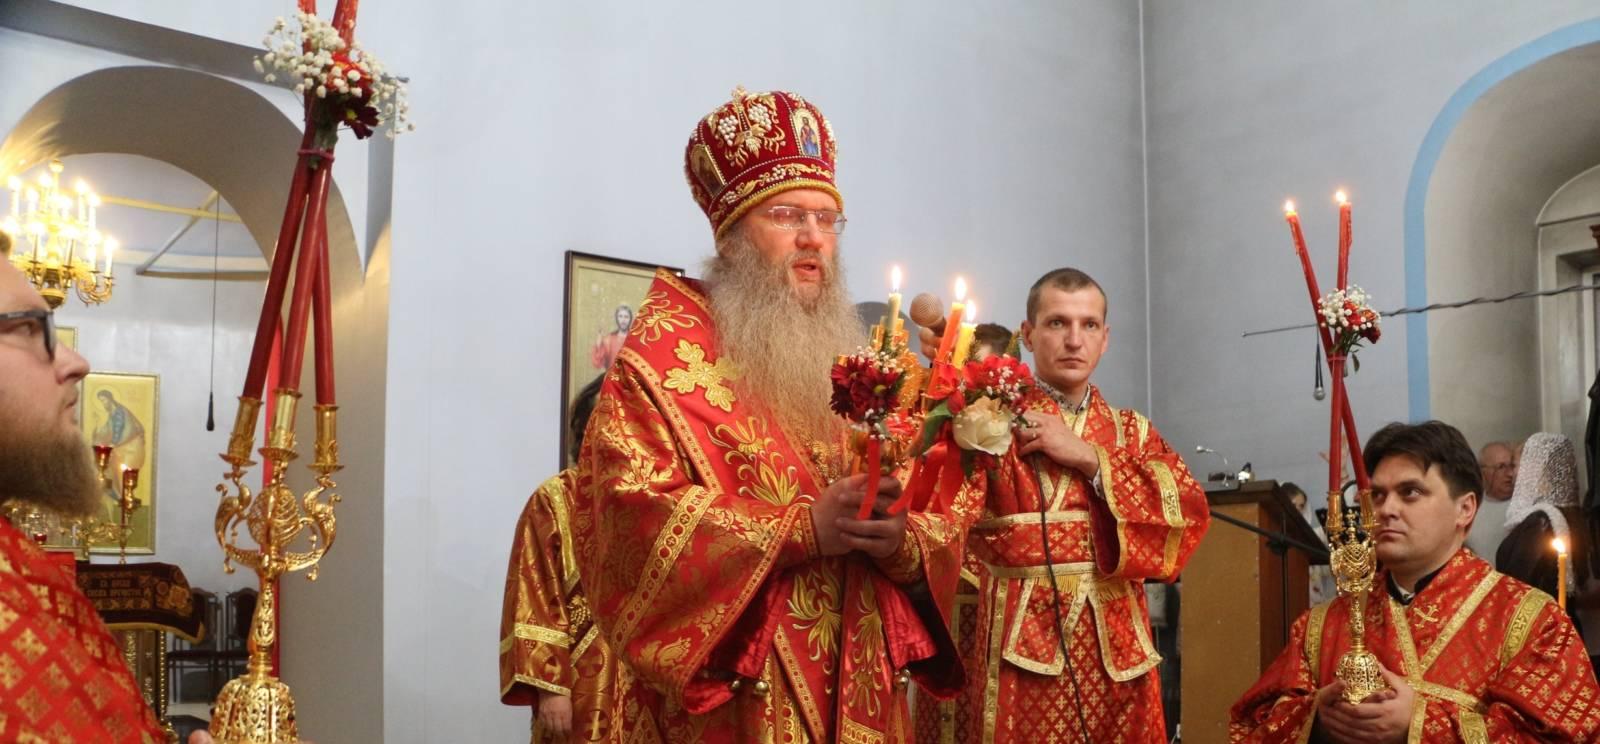 Пасхальное торжественное богослужение в Покровском кафедральном соборе г. Урюпинска.